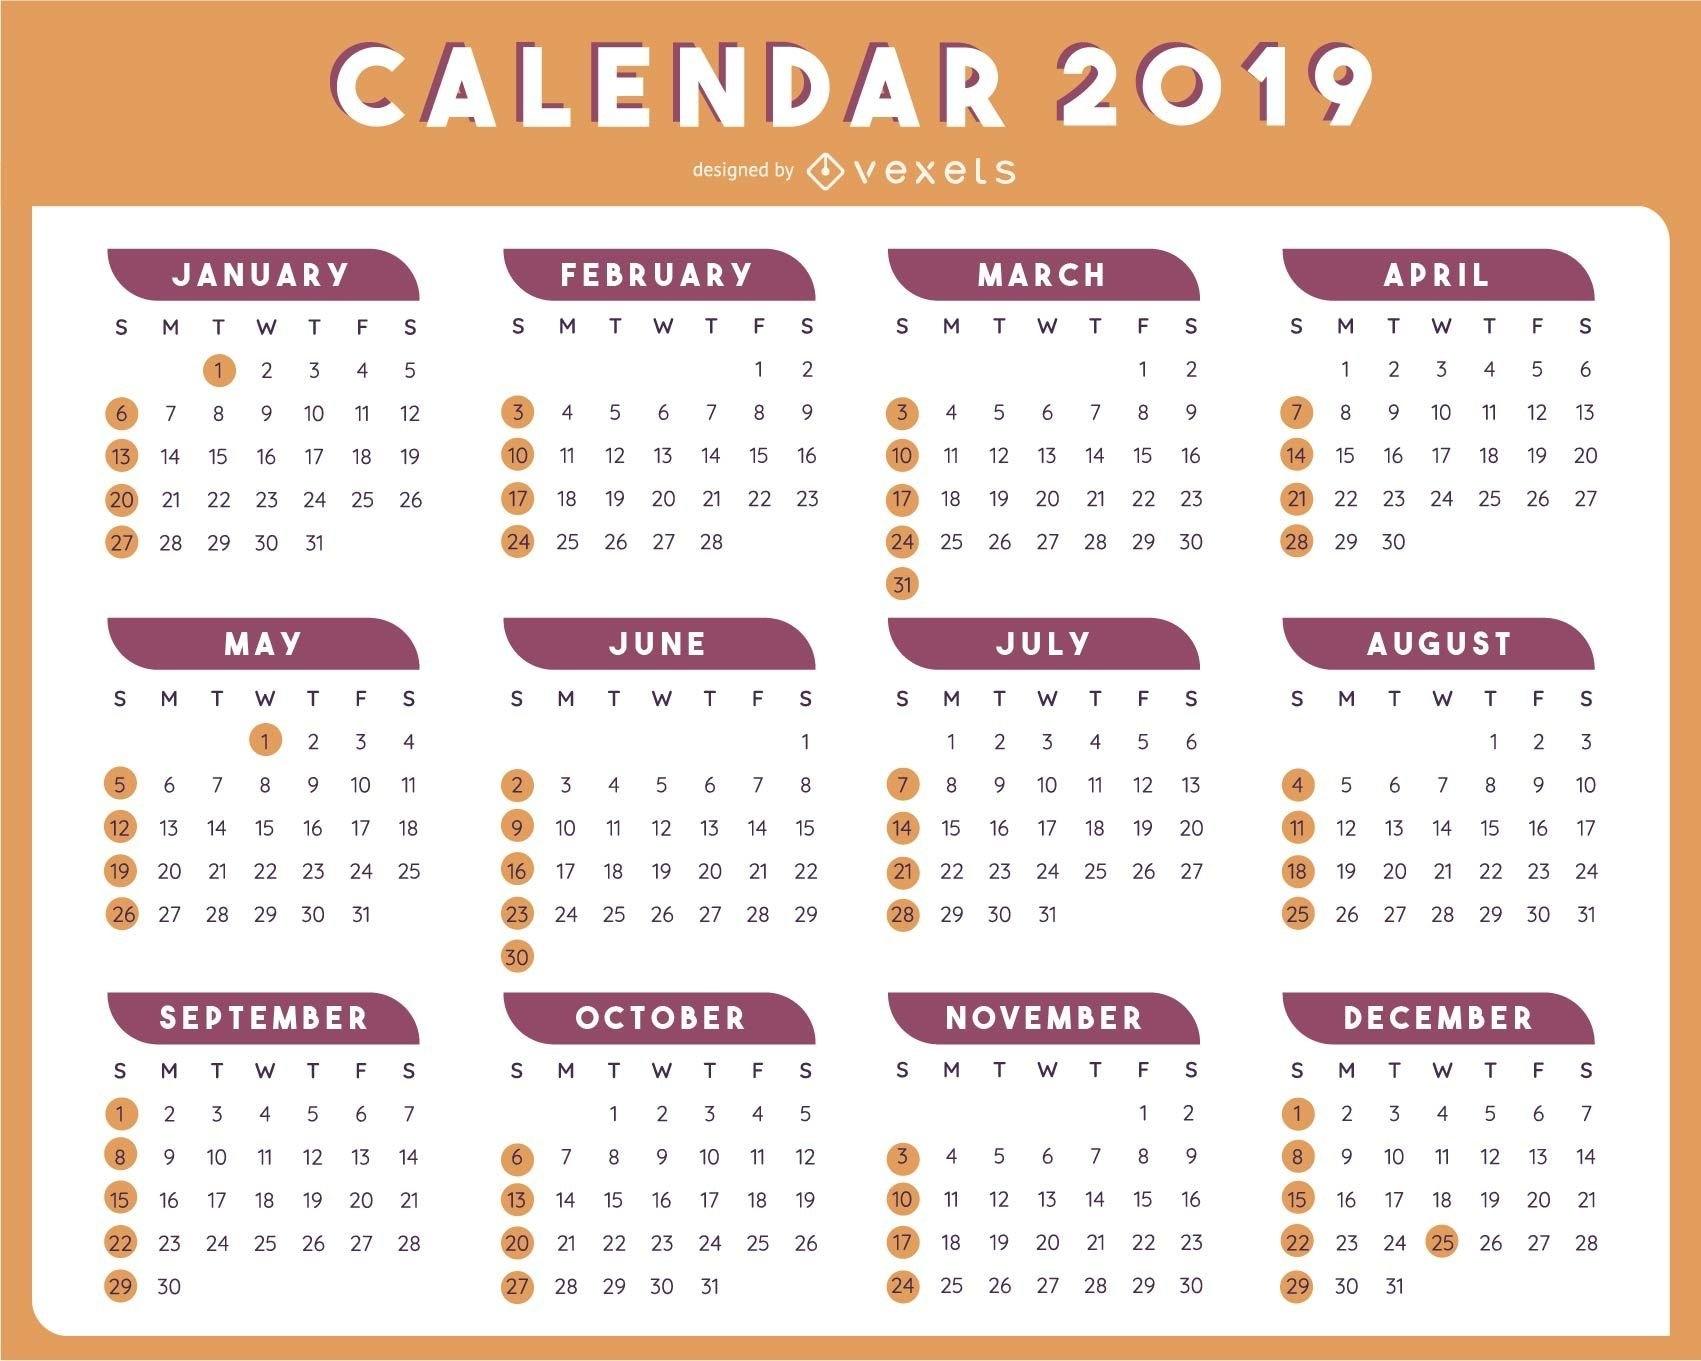 2019 Table Calendar Template Vector Design – Vector Download Calendar 2019 Vector File